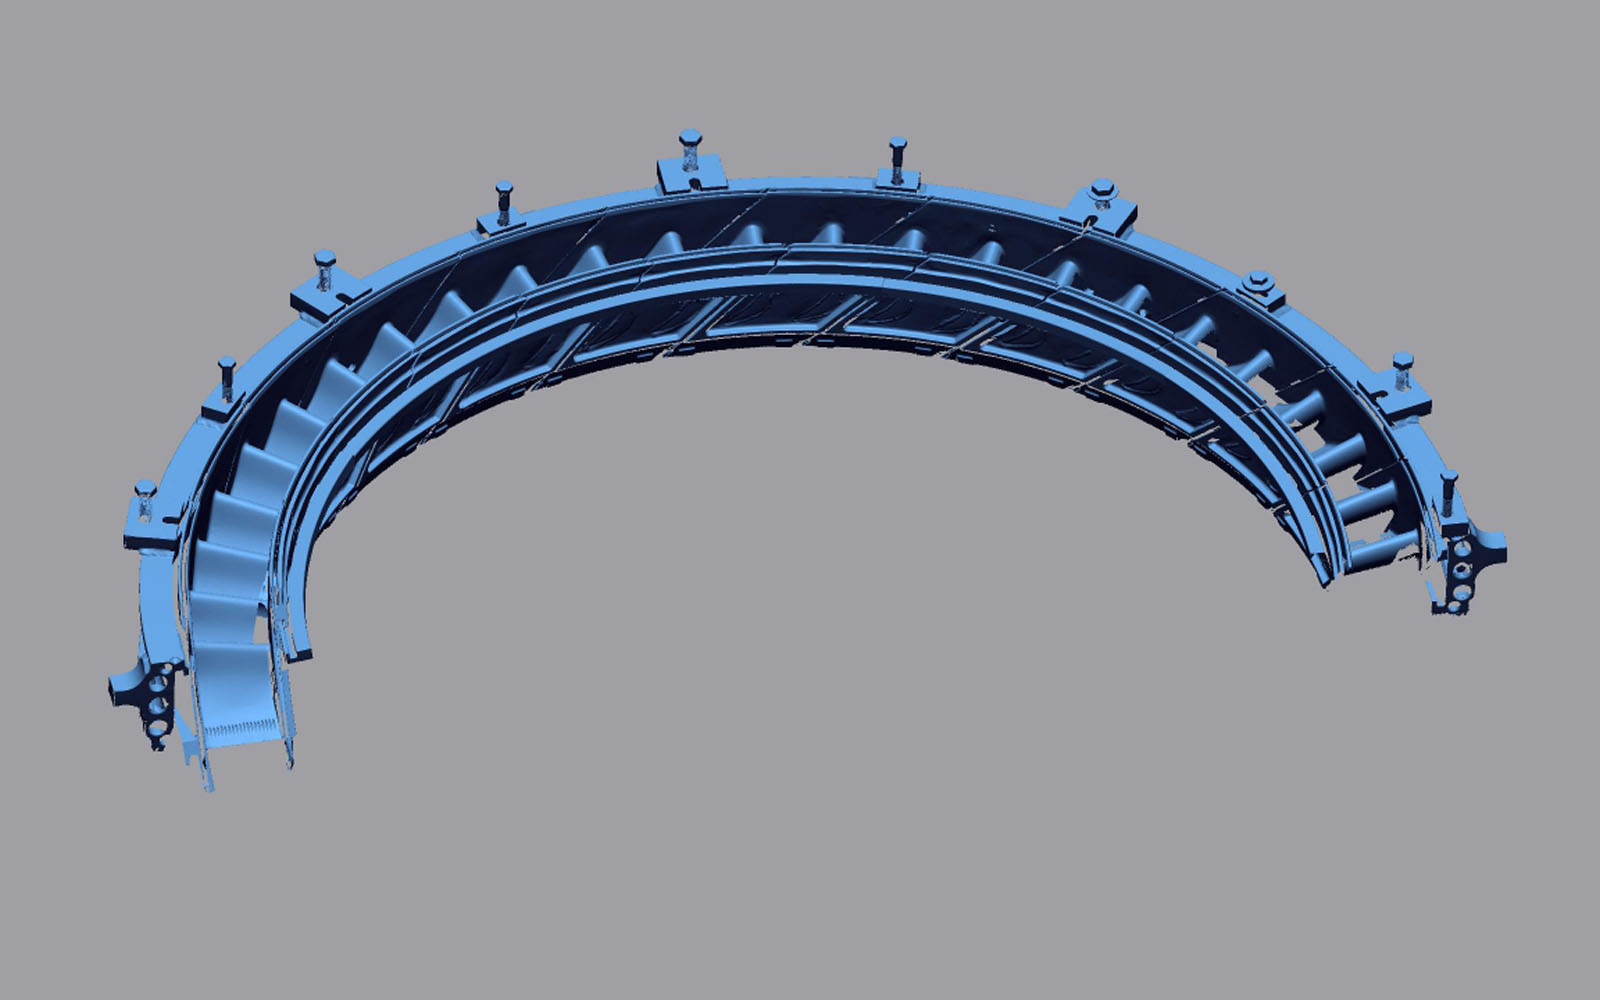 Conap 3D Reverse Engineering - Scan des Gussgehäuseteils